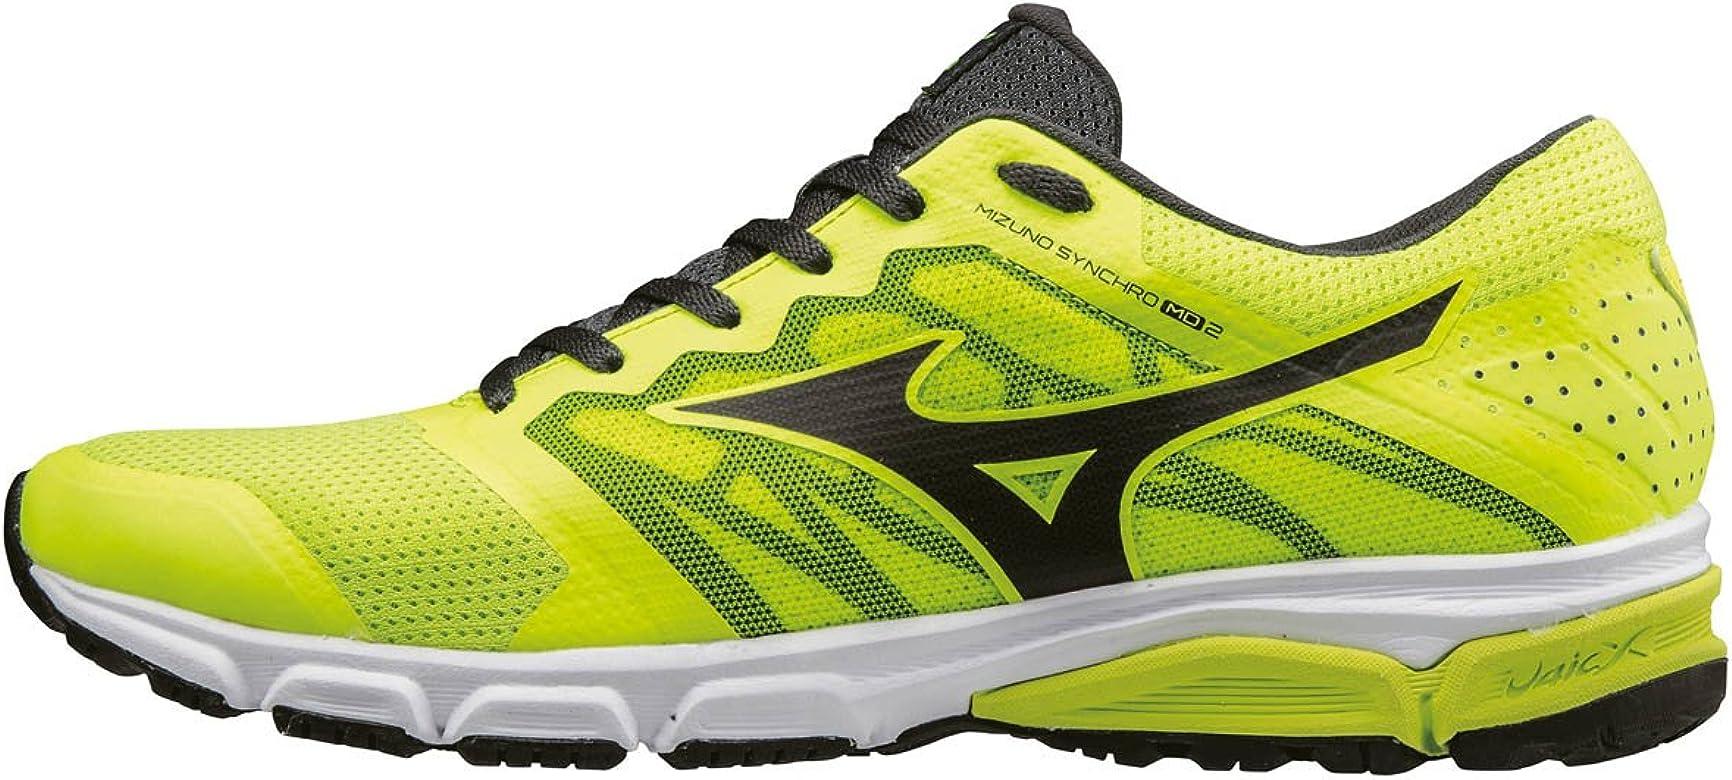 Mizuno Synchro MD 2, Zapatillas de Running para Hombre, Amarillo (Safety Yellow/Black/Dark Shadow), 40.5 EU: Amazon.es: Zapatos y complementos